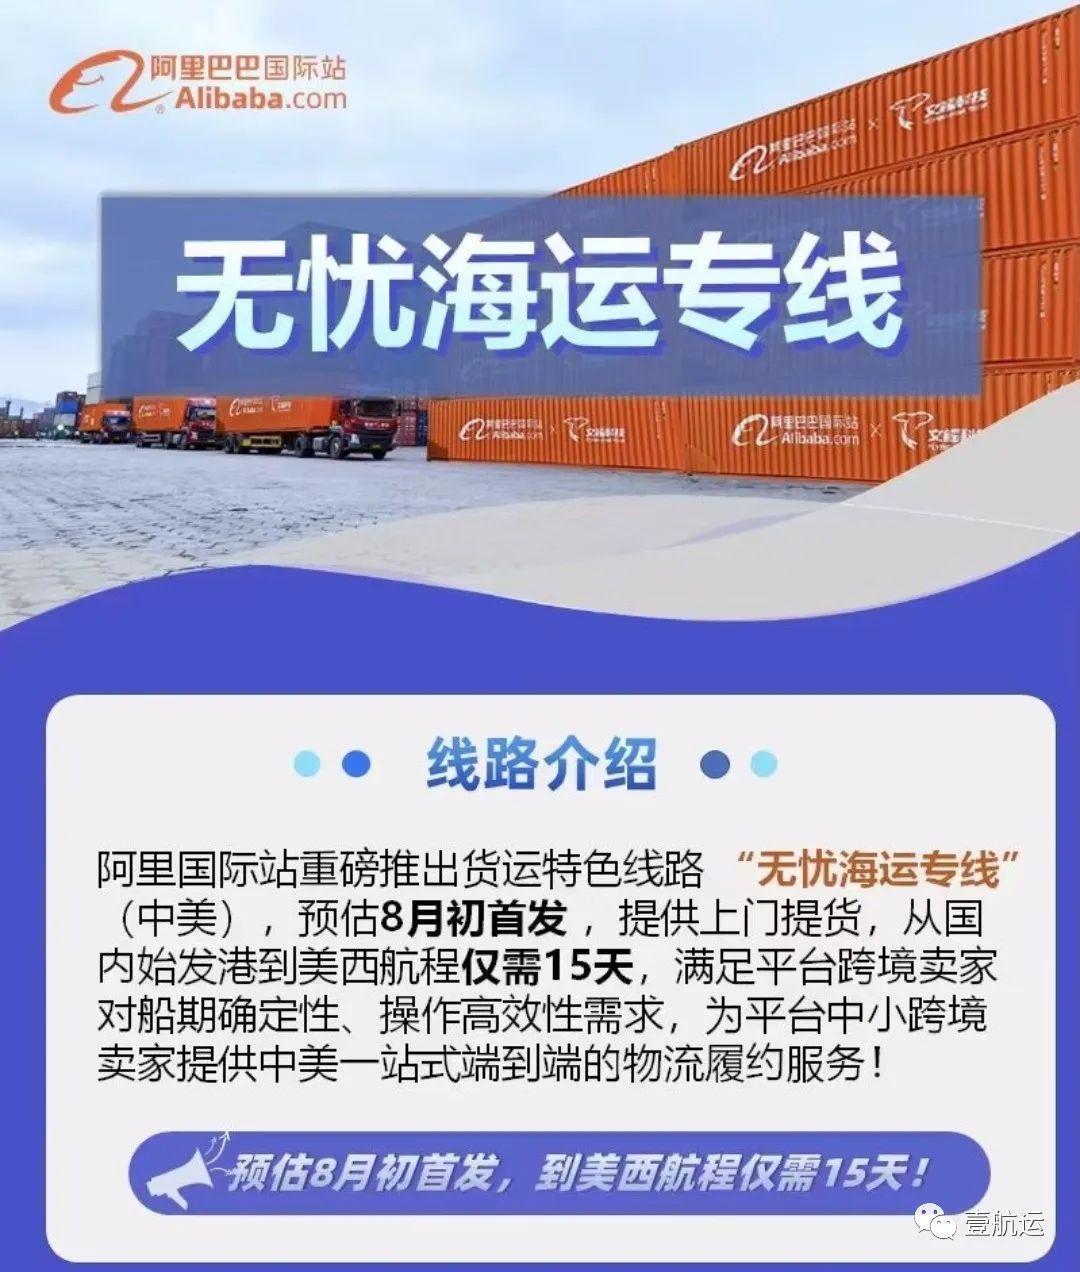 阿里巴巴推出美线快船,8月首航!!